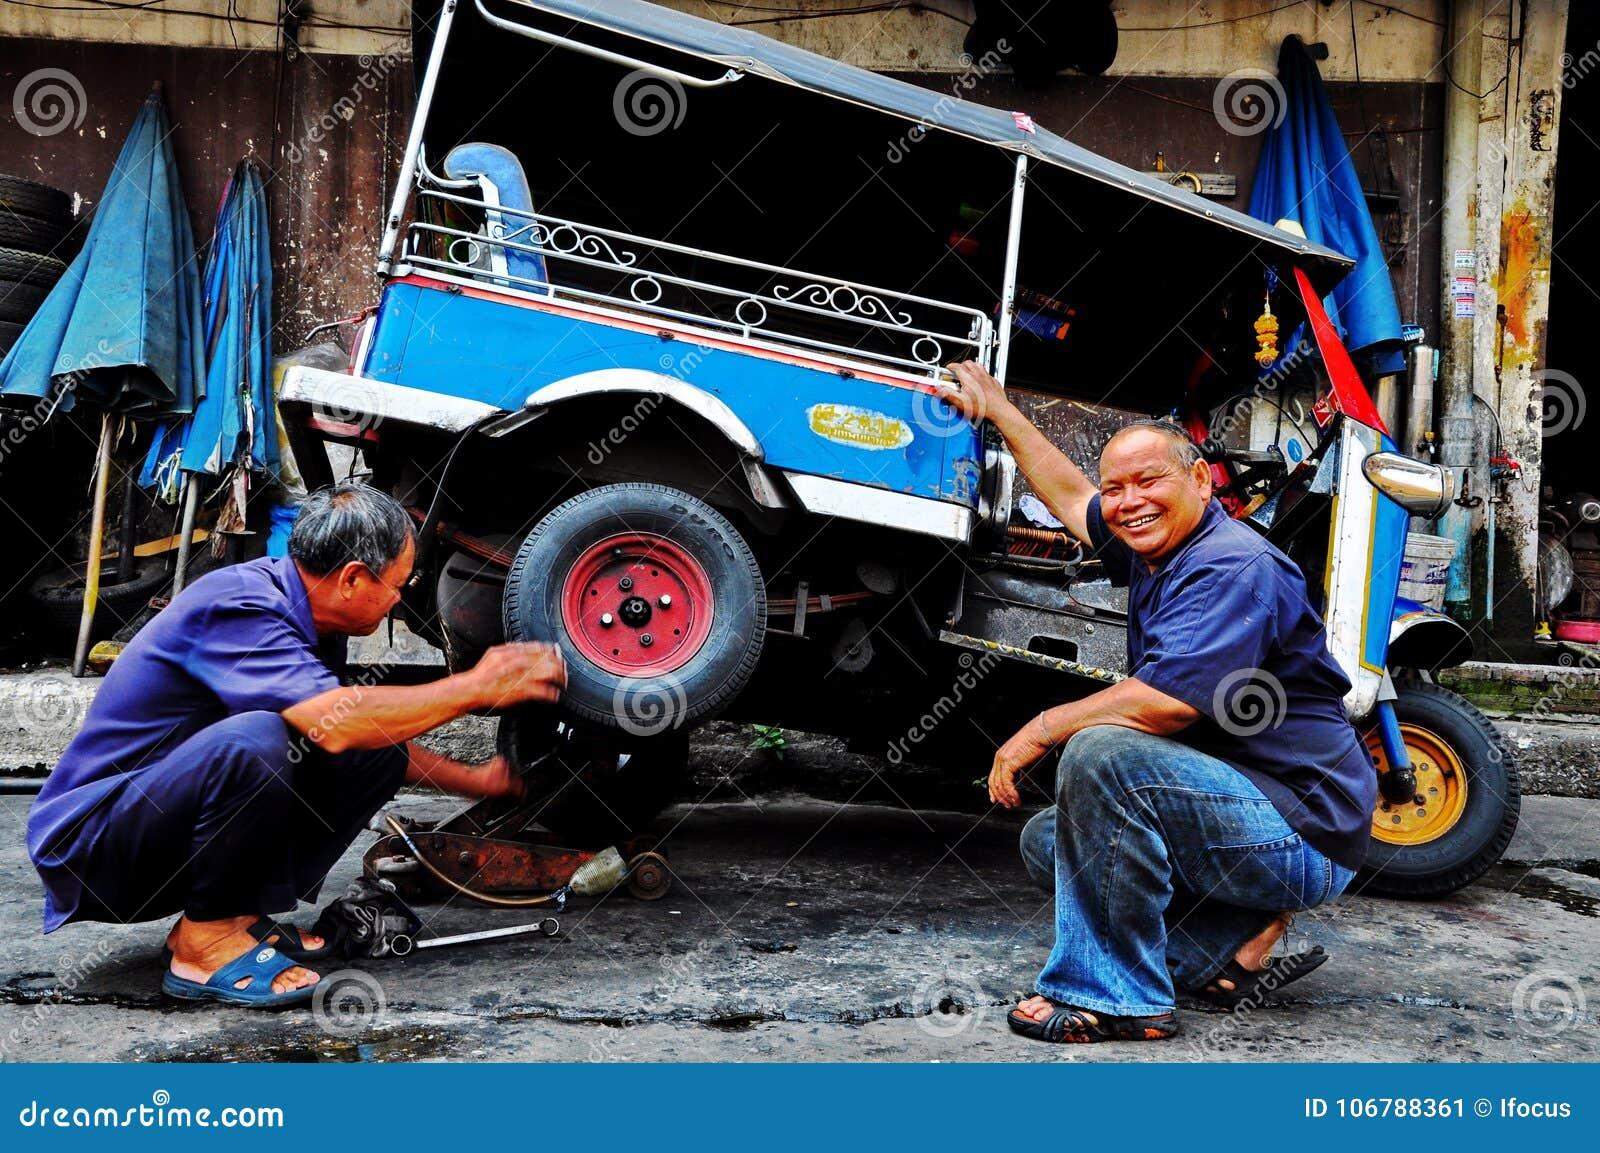 Tuk tuk mechanics in Bangkok